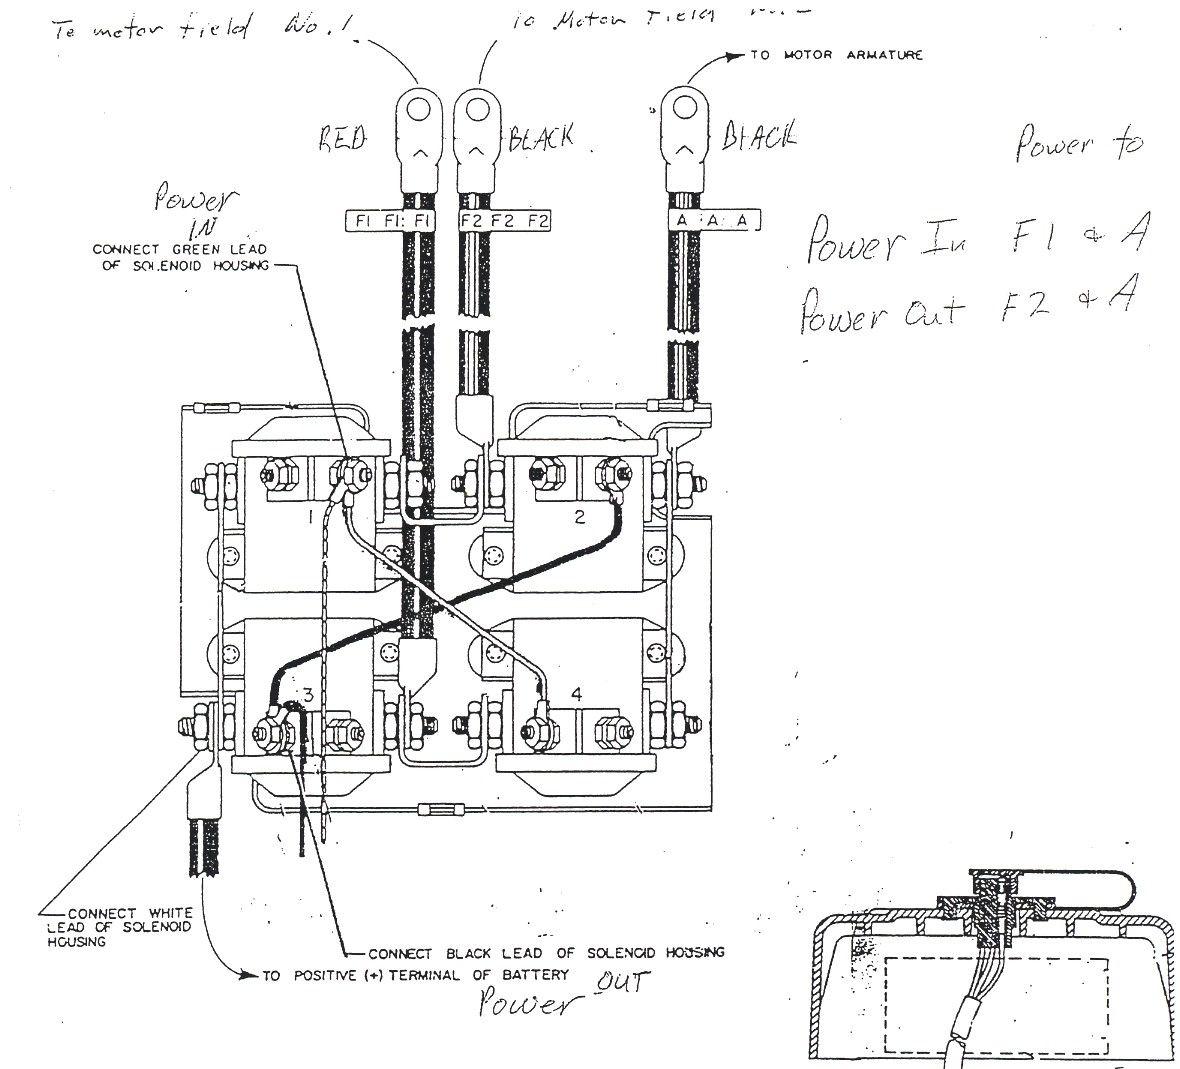 4 pin m12 wiring diagram